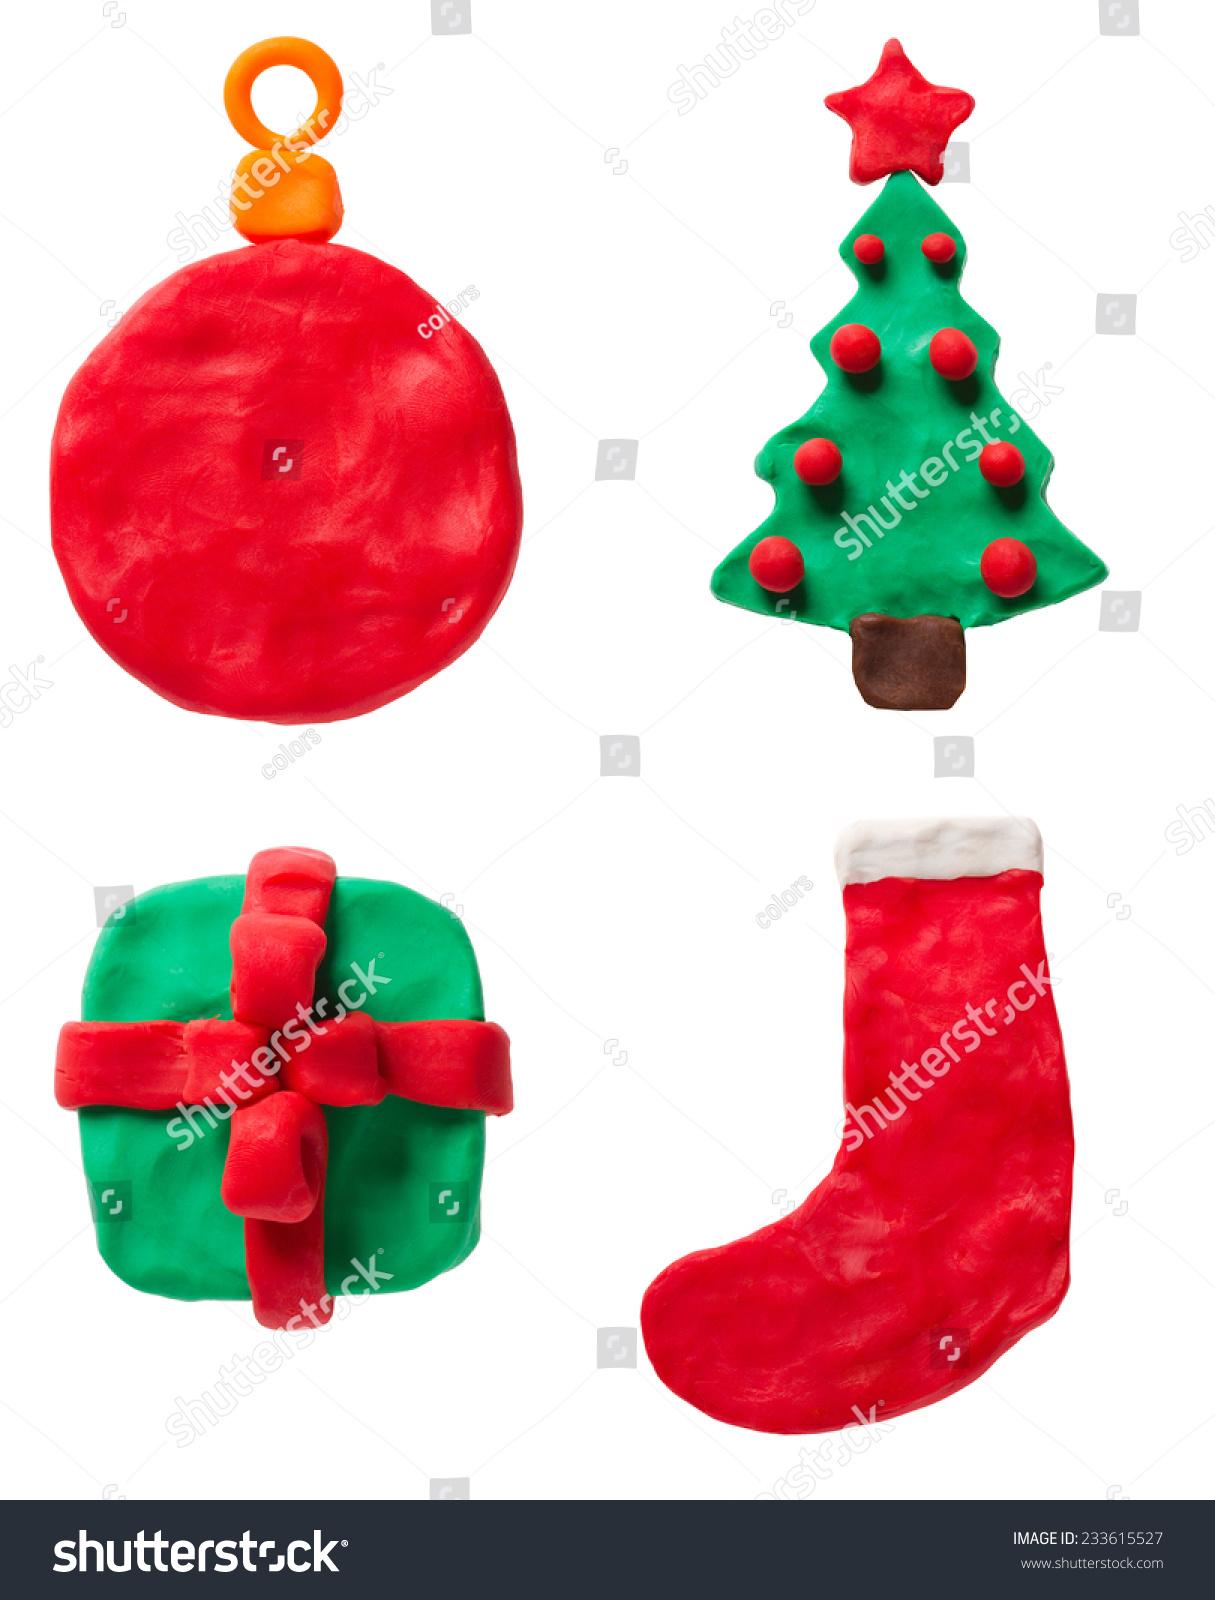 橡皮泥圣诞节设置-教育,物体-海洛创意(hellorf)-中国